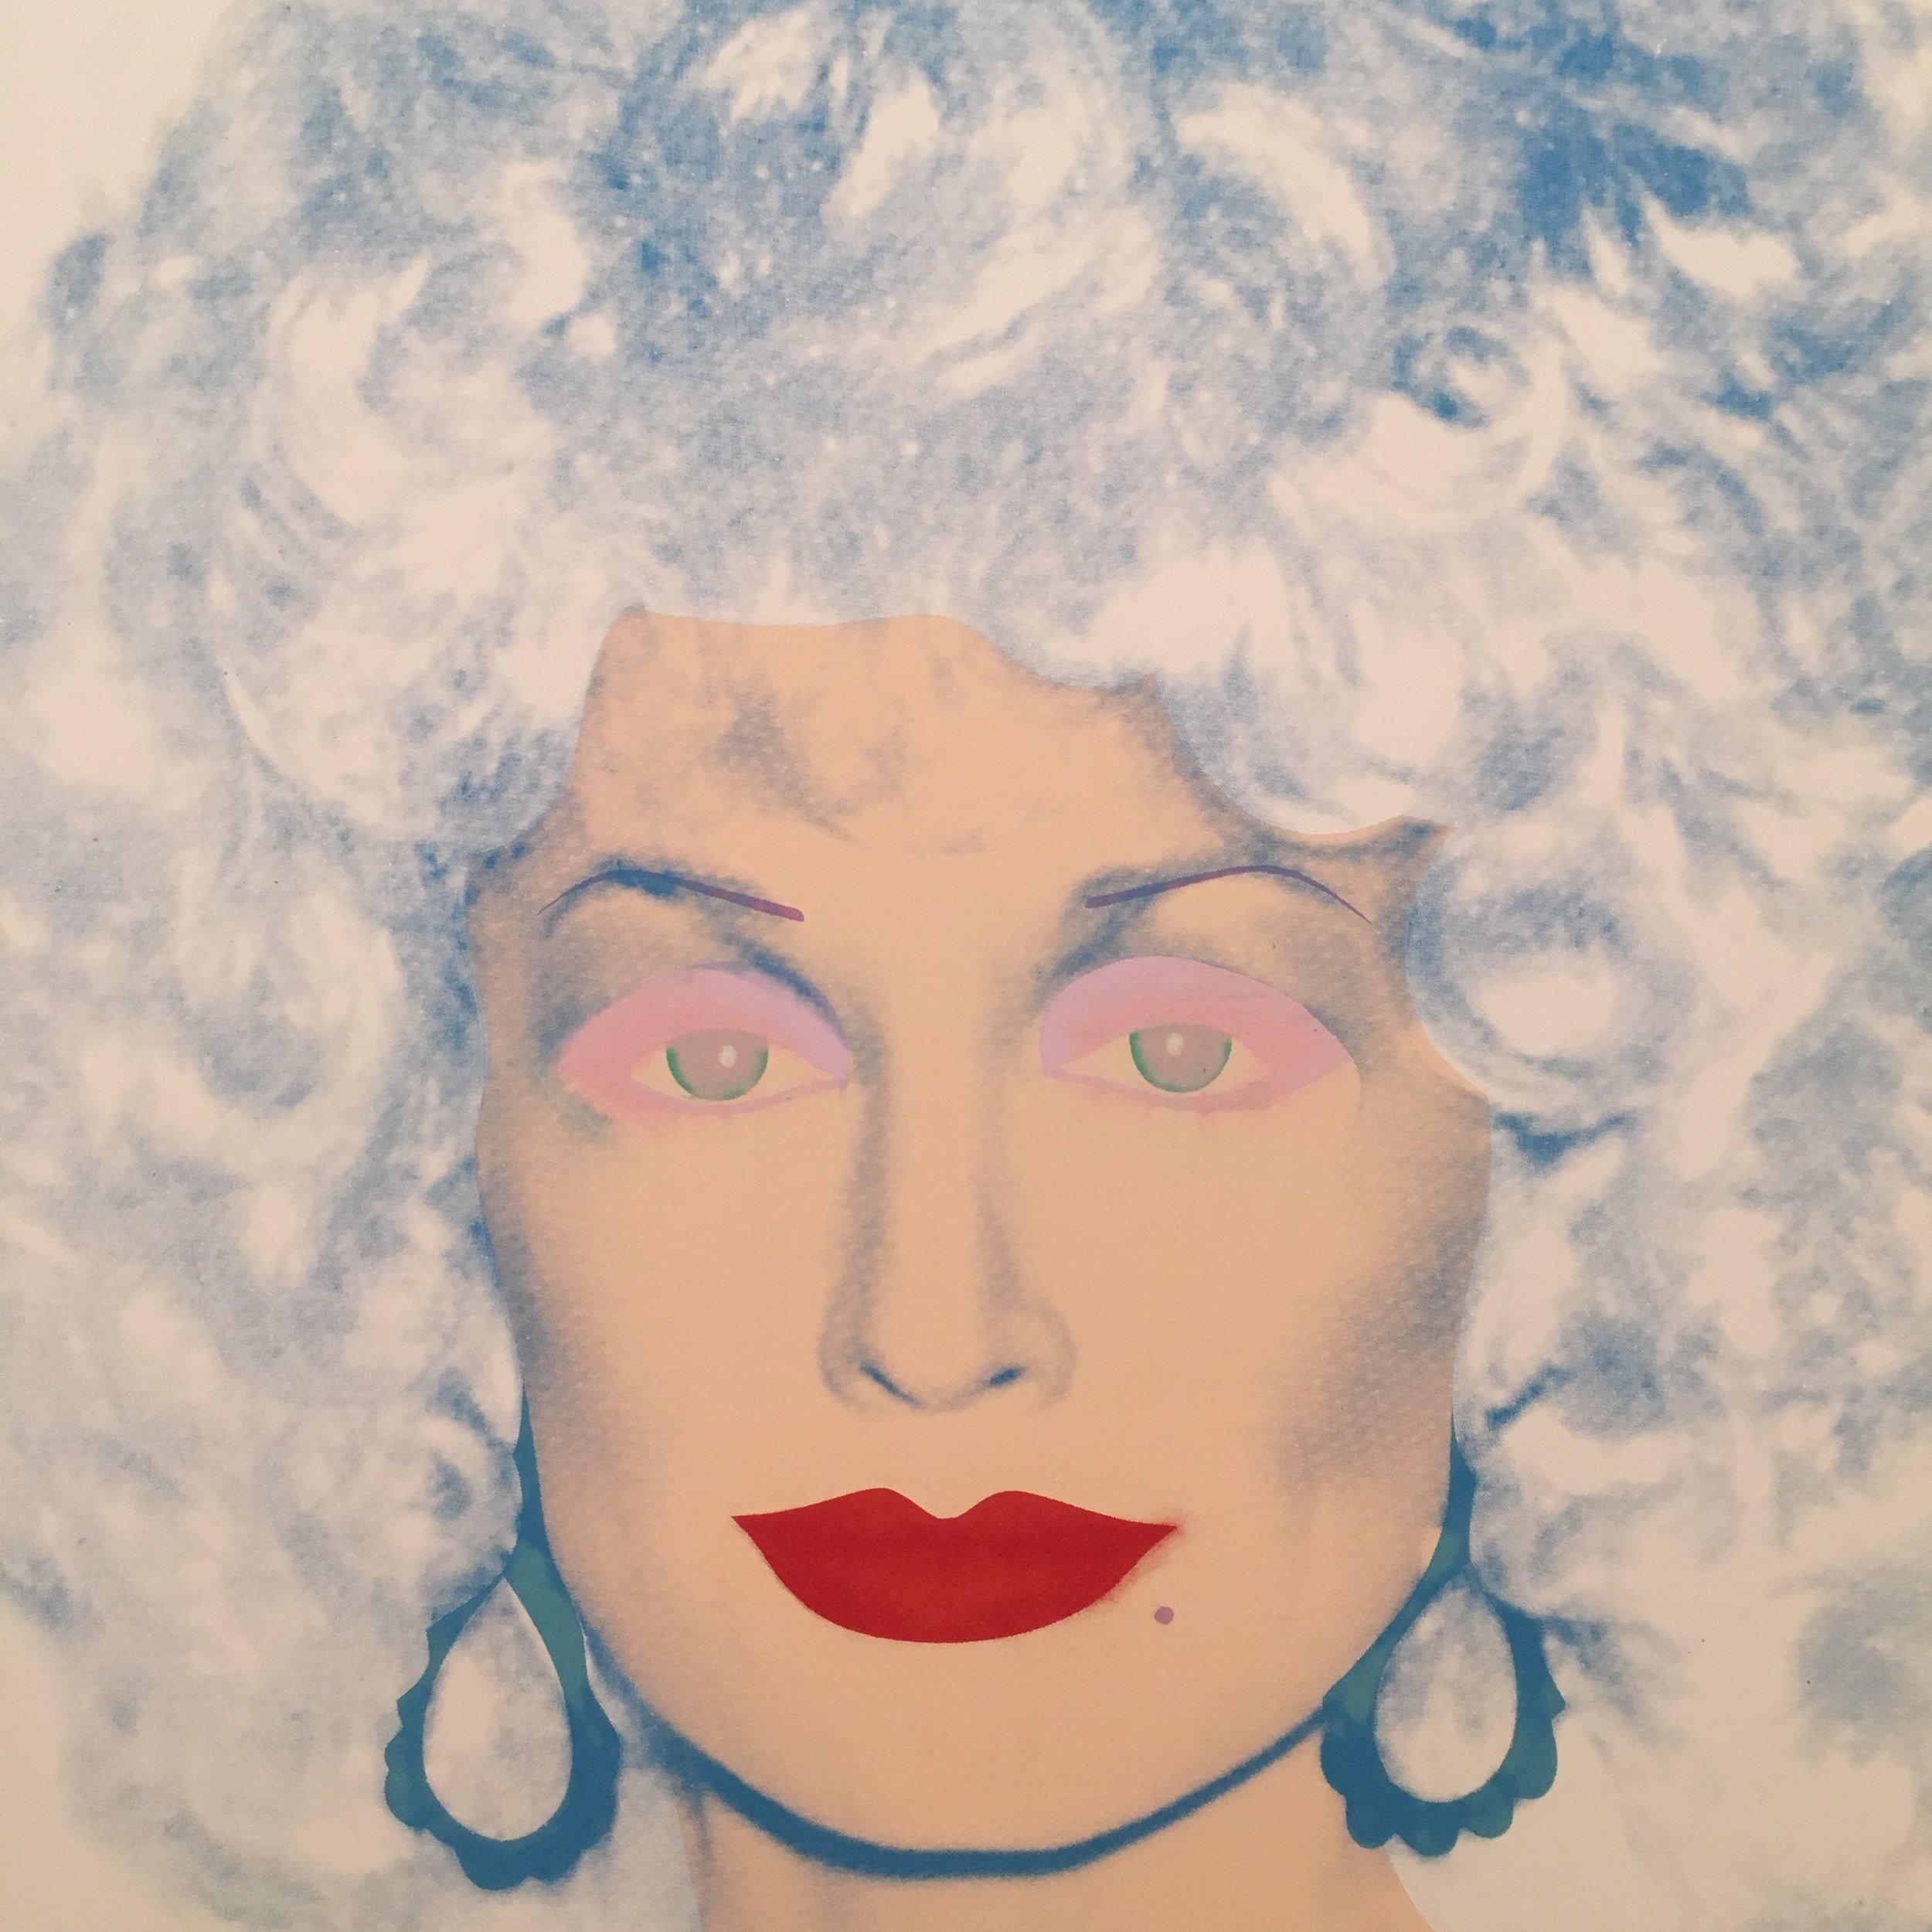 Dolly Parton Andy Warhol